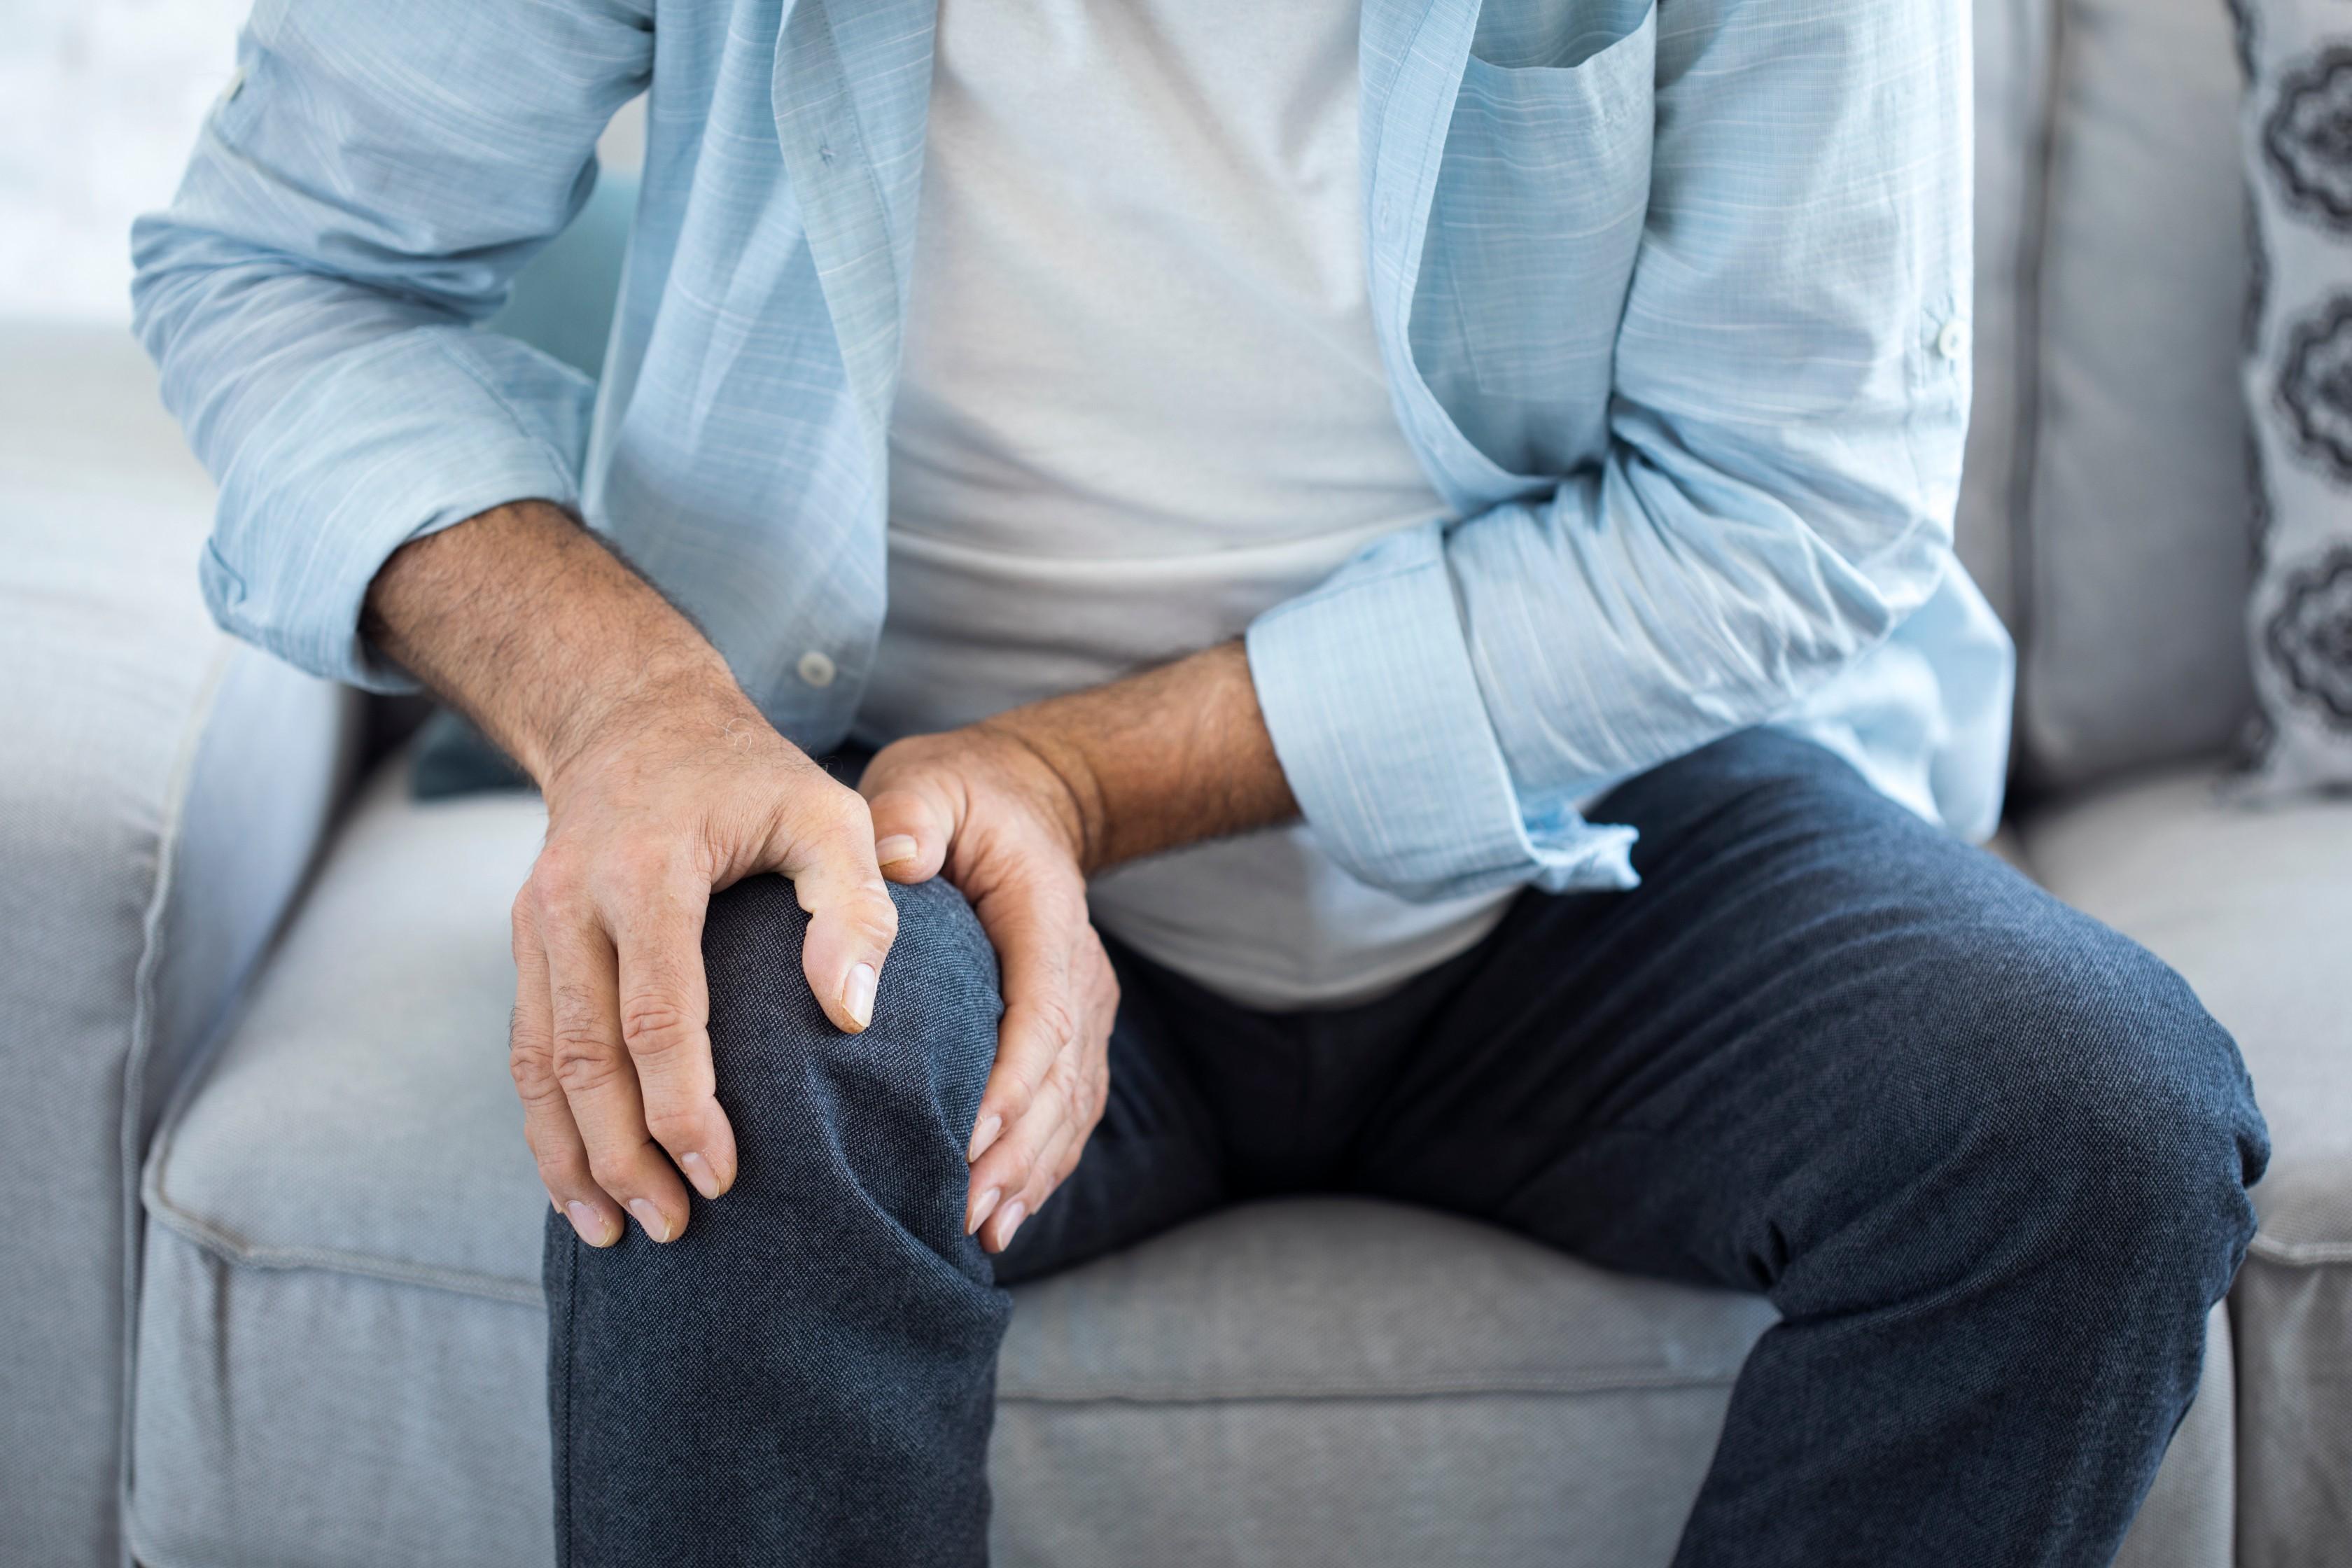 hogyan lehet megnyugtatni az ízületek fájdalmát